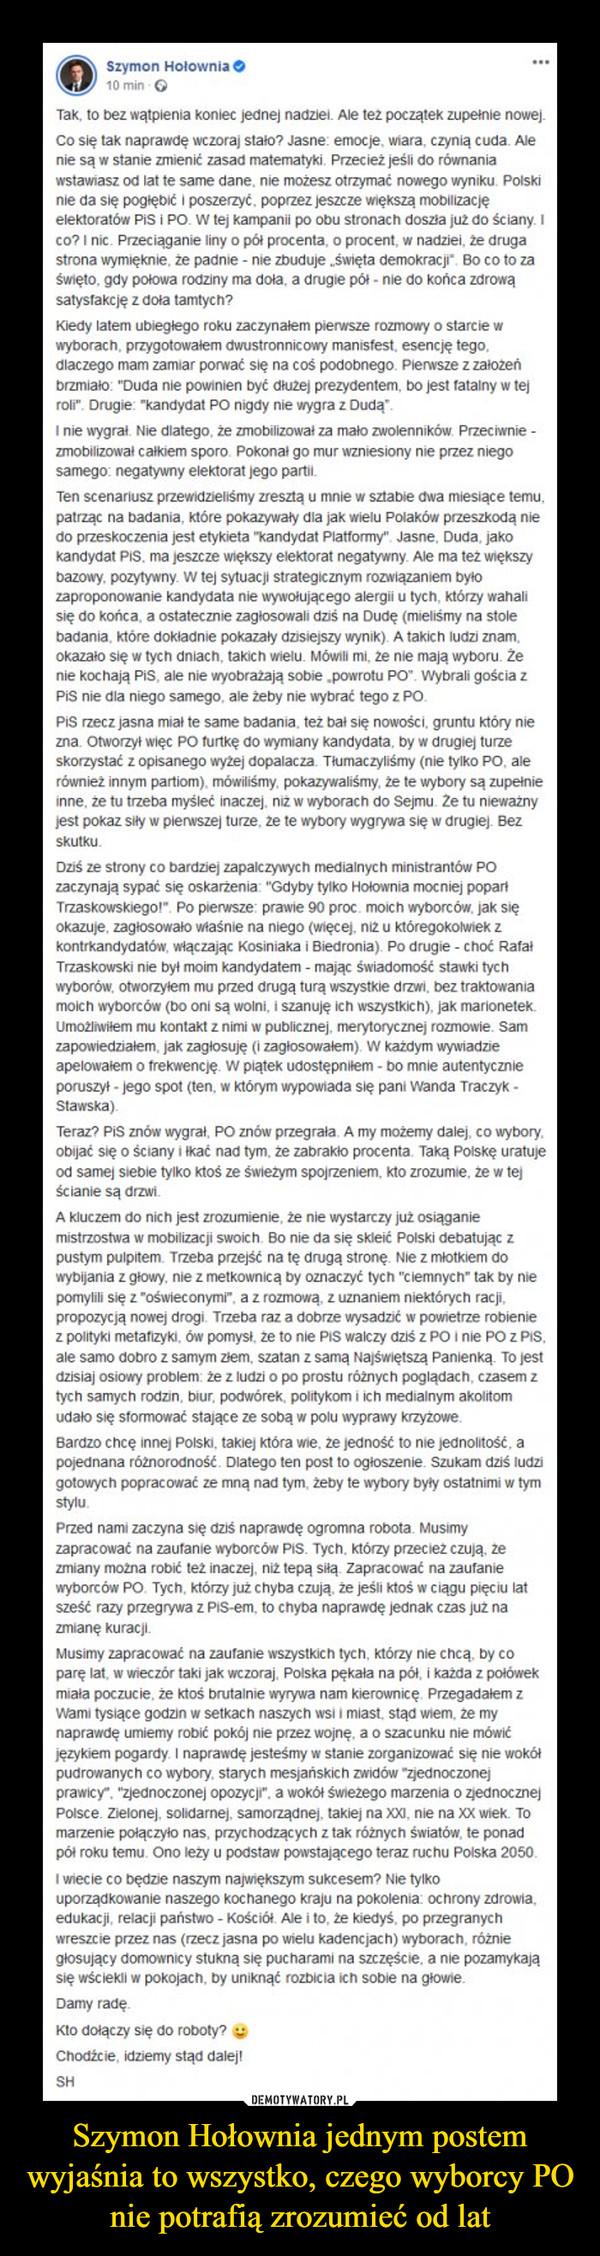 Szymon Hołownia jednym postem wyjaśnia to wszystko, czego wyborcy PO nie potrafią zrozumieć od lat